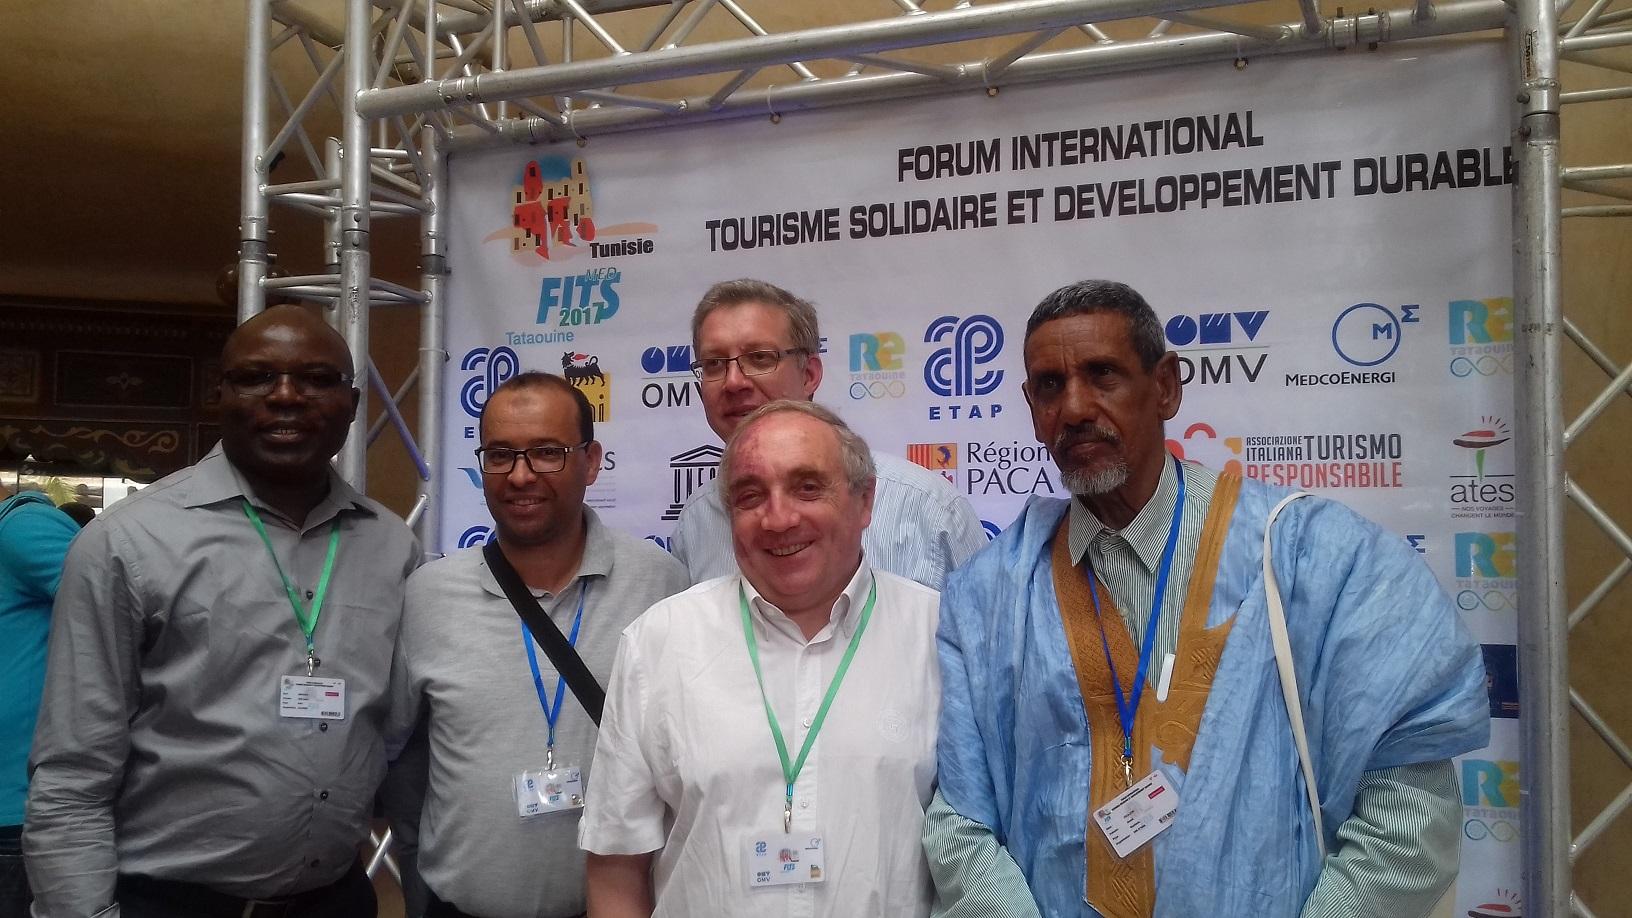 FITS 2017 Tunisie